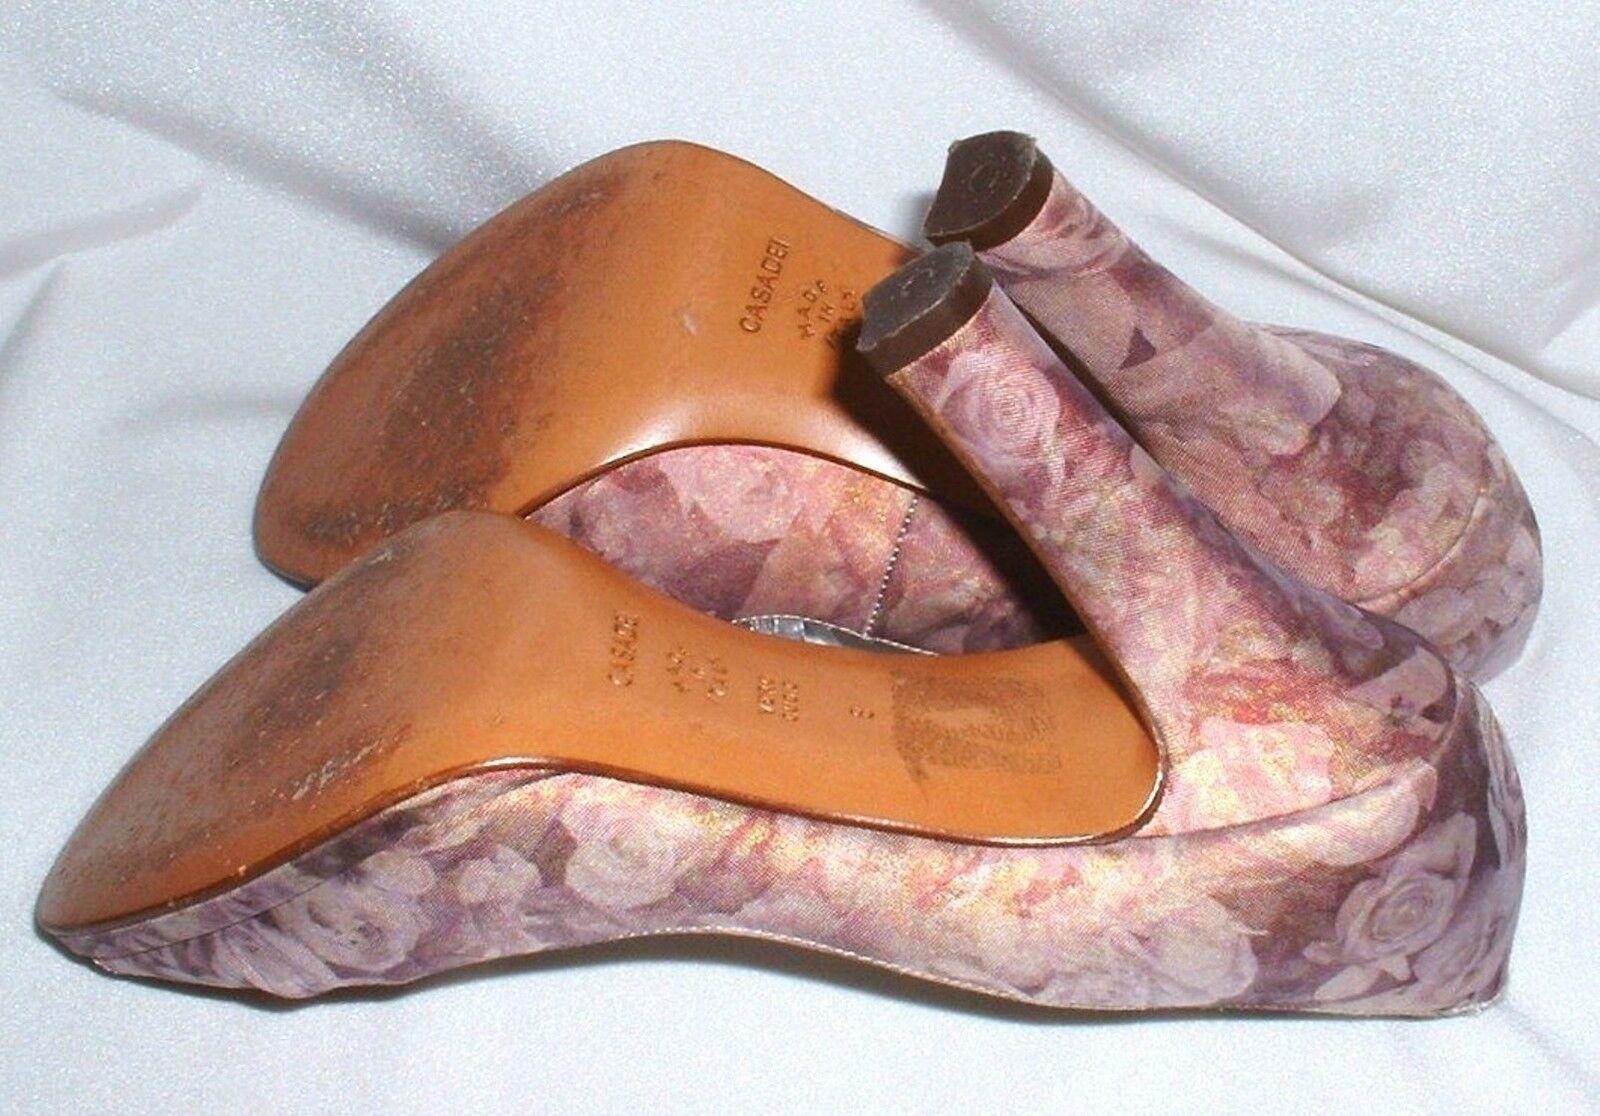 Hochwertige CASADEI Highheel Pumps  Leder Leder Leder + Satin Gr. 38 39 (US 8) edcfde